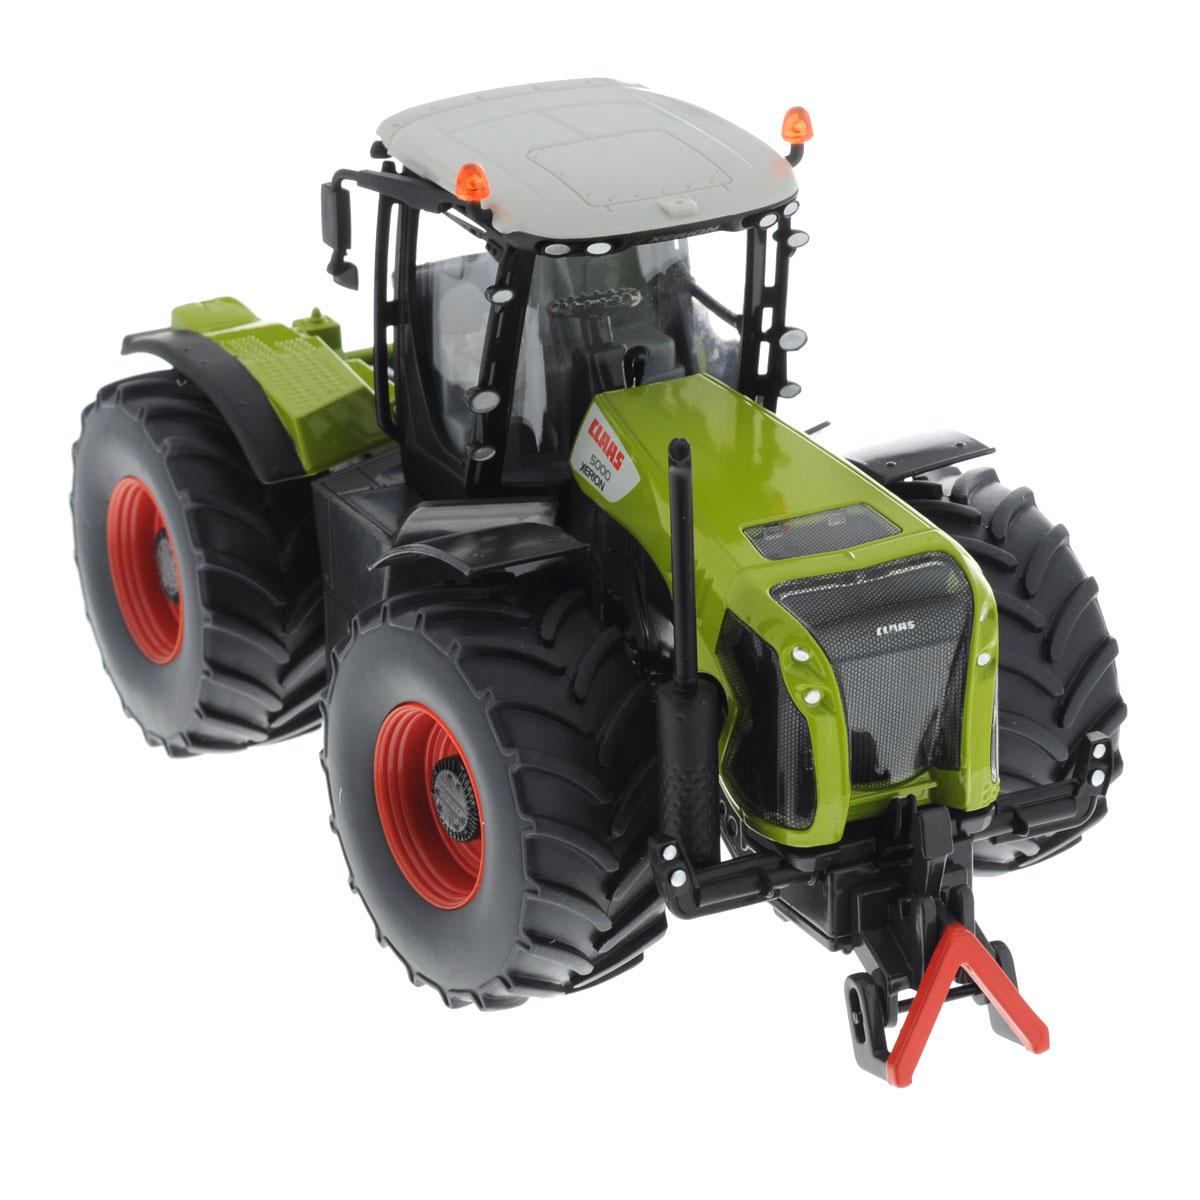 Siku Трактор Claas Xerion 50003271Коллекционная модель Siku Трактор Claas Xerion 5000 выполнена в виде точной копии трактора в масштабе 1/32. Такая модель понравится не только ребенку, но и взрослому коллекционеру и приятно удивит вас высочайшим качеством исполнения. Корпус трактора выполнен из металла, кабина водителя и стекла в ней - из пластика, колеса прорезинены. Кабина трактора съемная, что расширяет простор для игр. Трактор оборудован сцепным устройством совместимым с прицепами Siku Farmer масштаба 1:32. Колесики модели вращаются. Коллекционная модель отличается великолепным качеством исполнения и детальной проработкой, она станет не только интересной игрушкой для ребенка, интересующегося агротехникой, но и займет достойное место в любой коллекции.